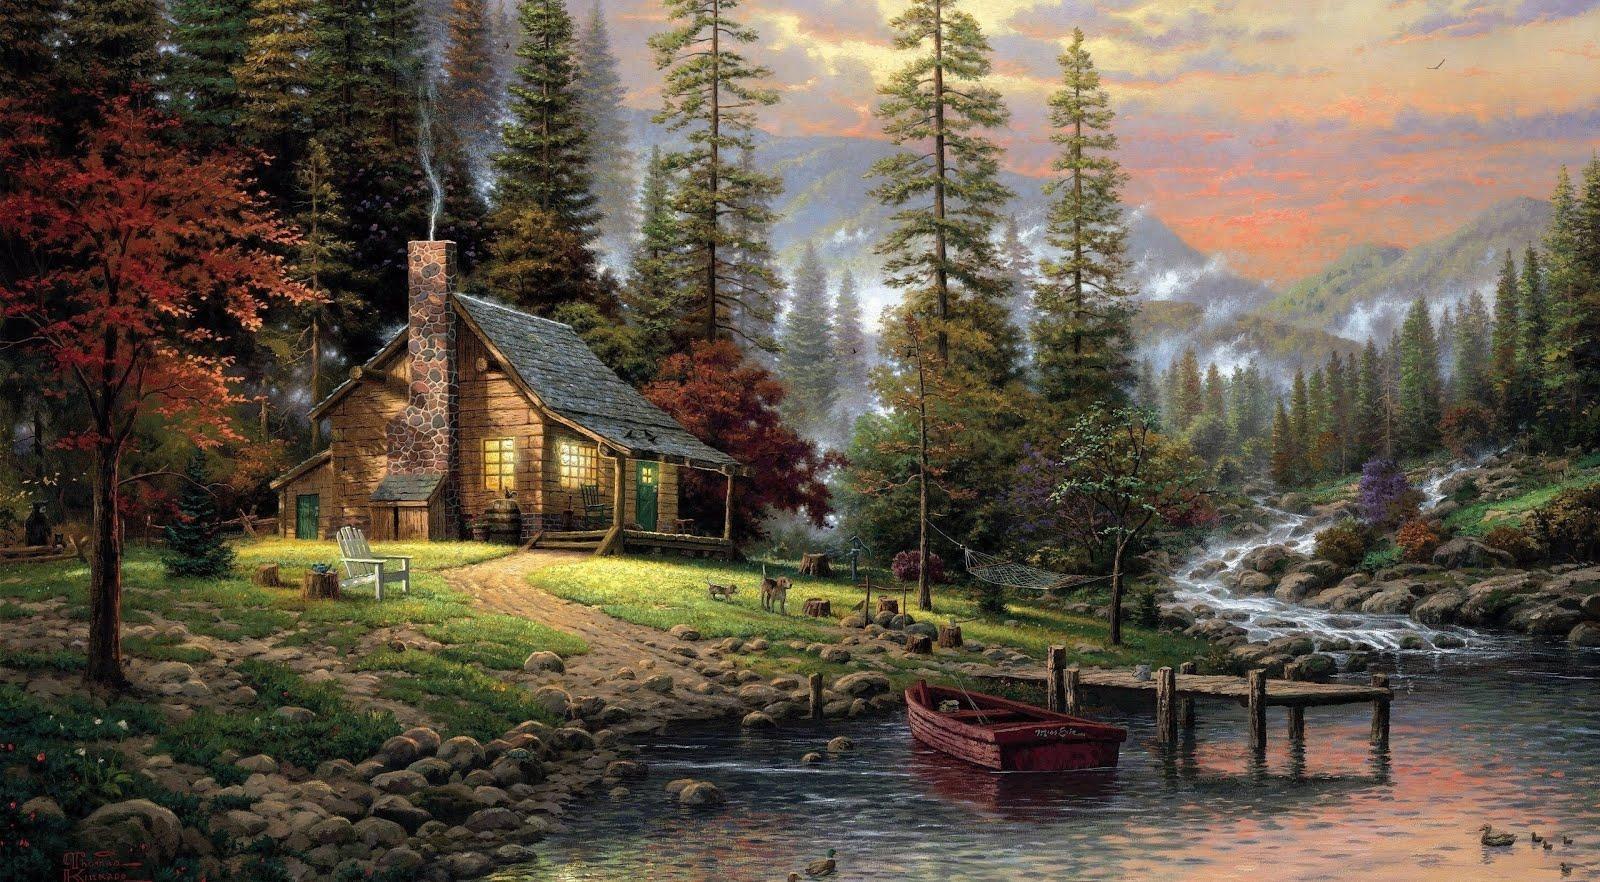 Cabaña junto a río